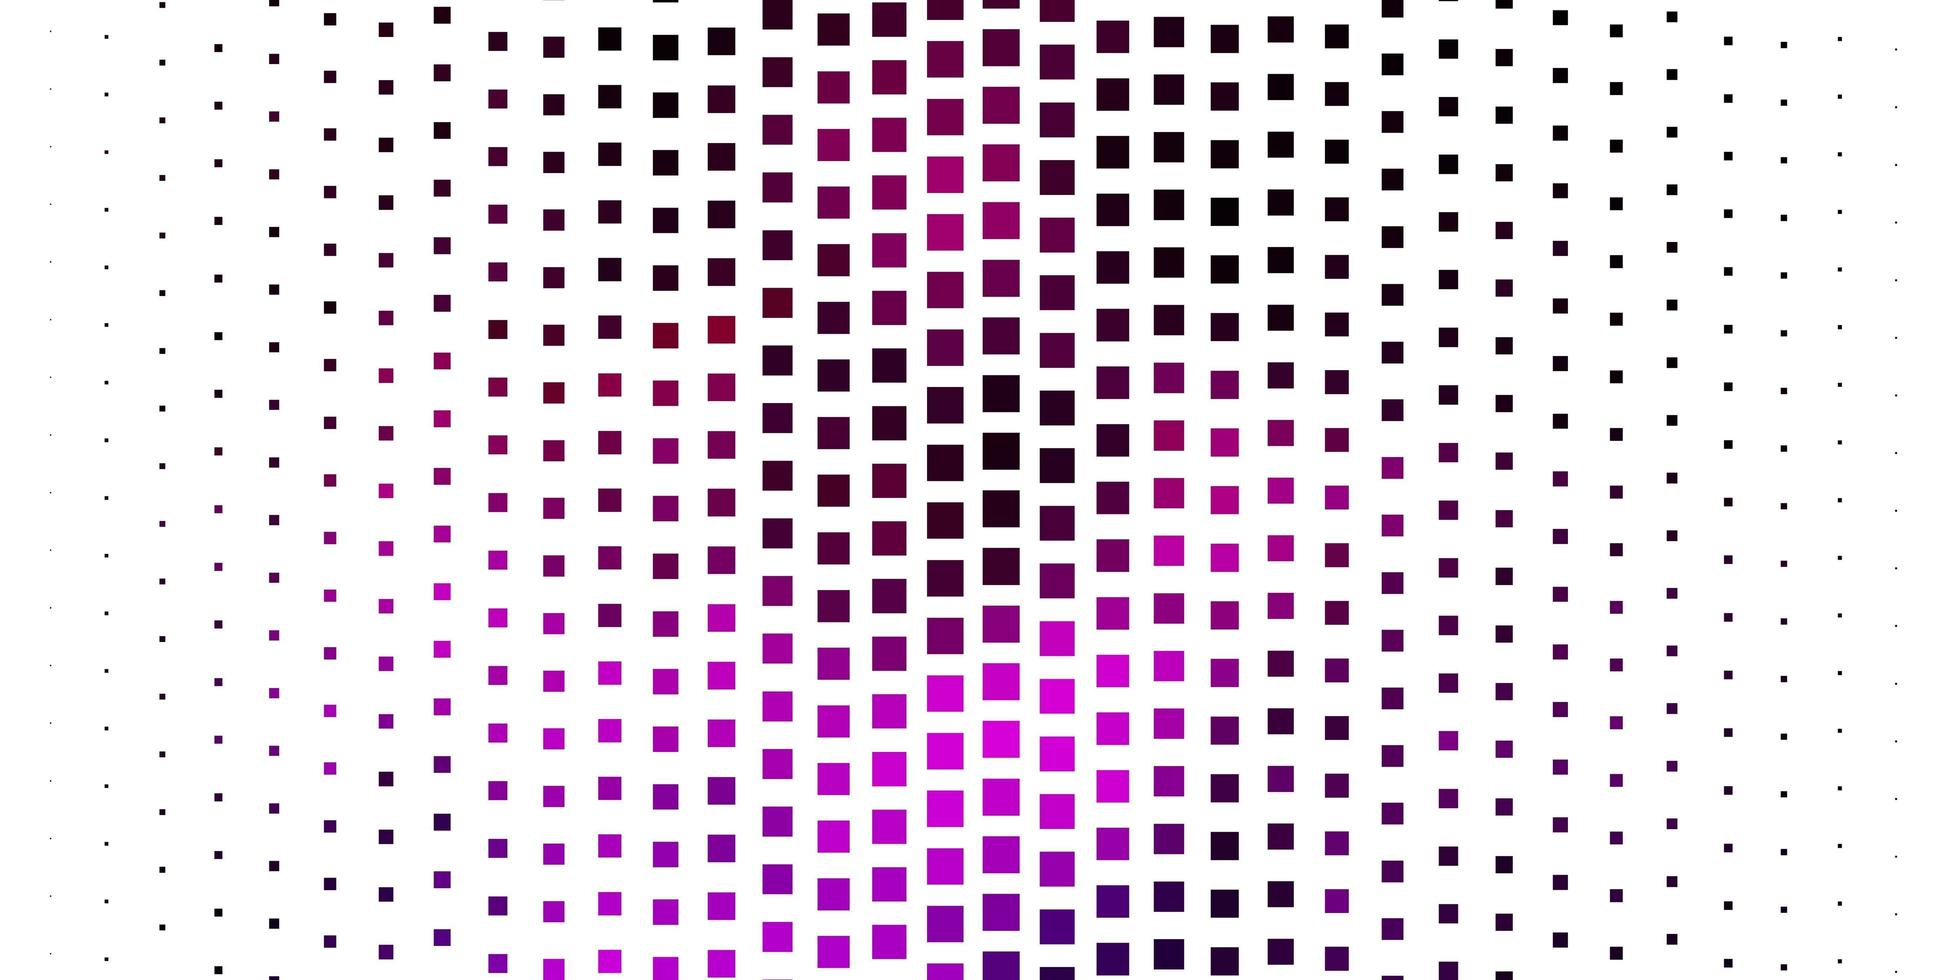 diseño de vector rosa claro con líneas, rectángulos.